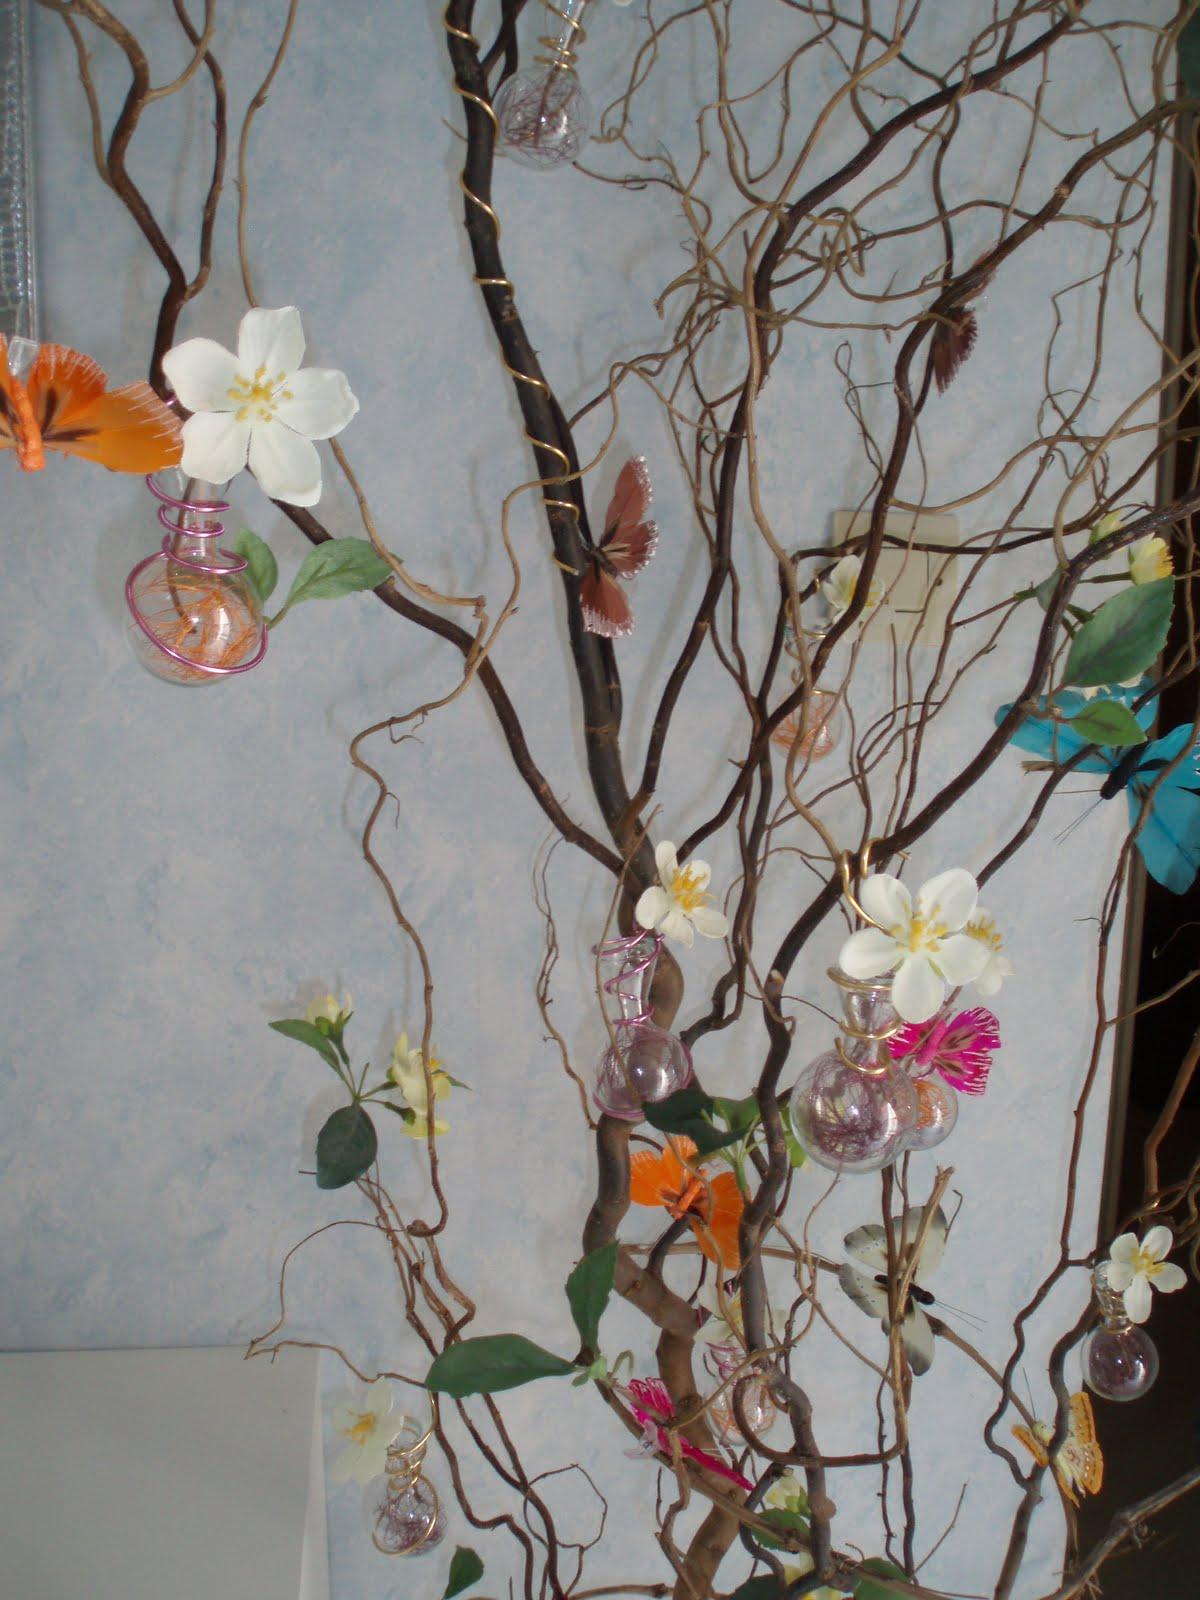 d 39 une branche l 39 autre l 39 arbre papillons. Black Bedroom Furniture Sets. Home Design Ideas